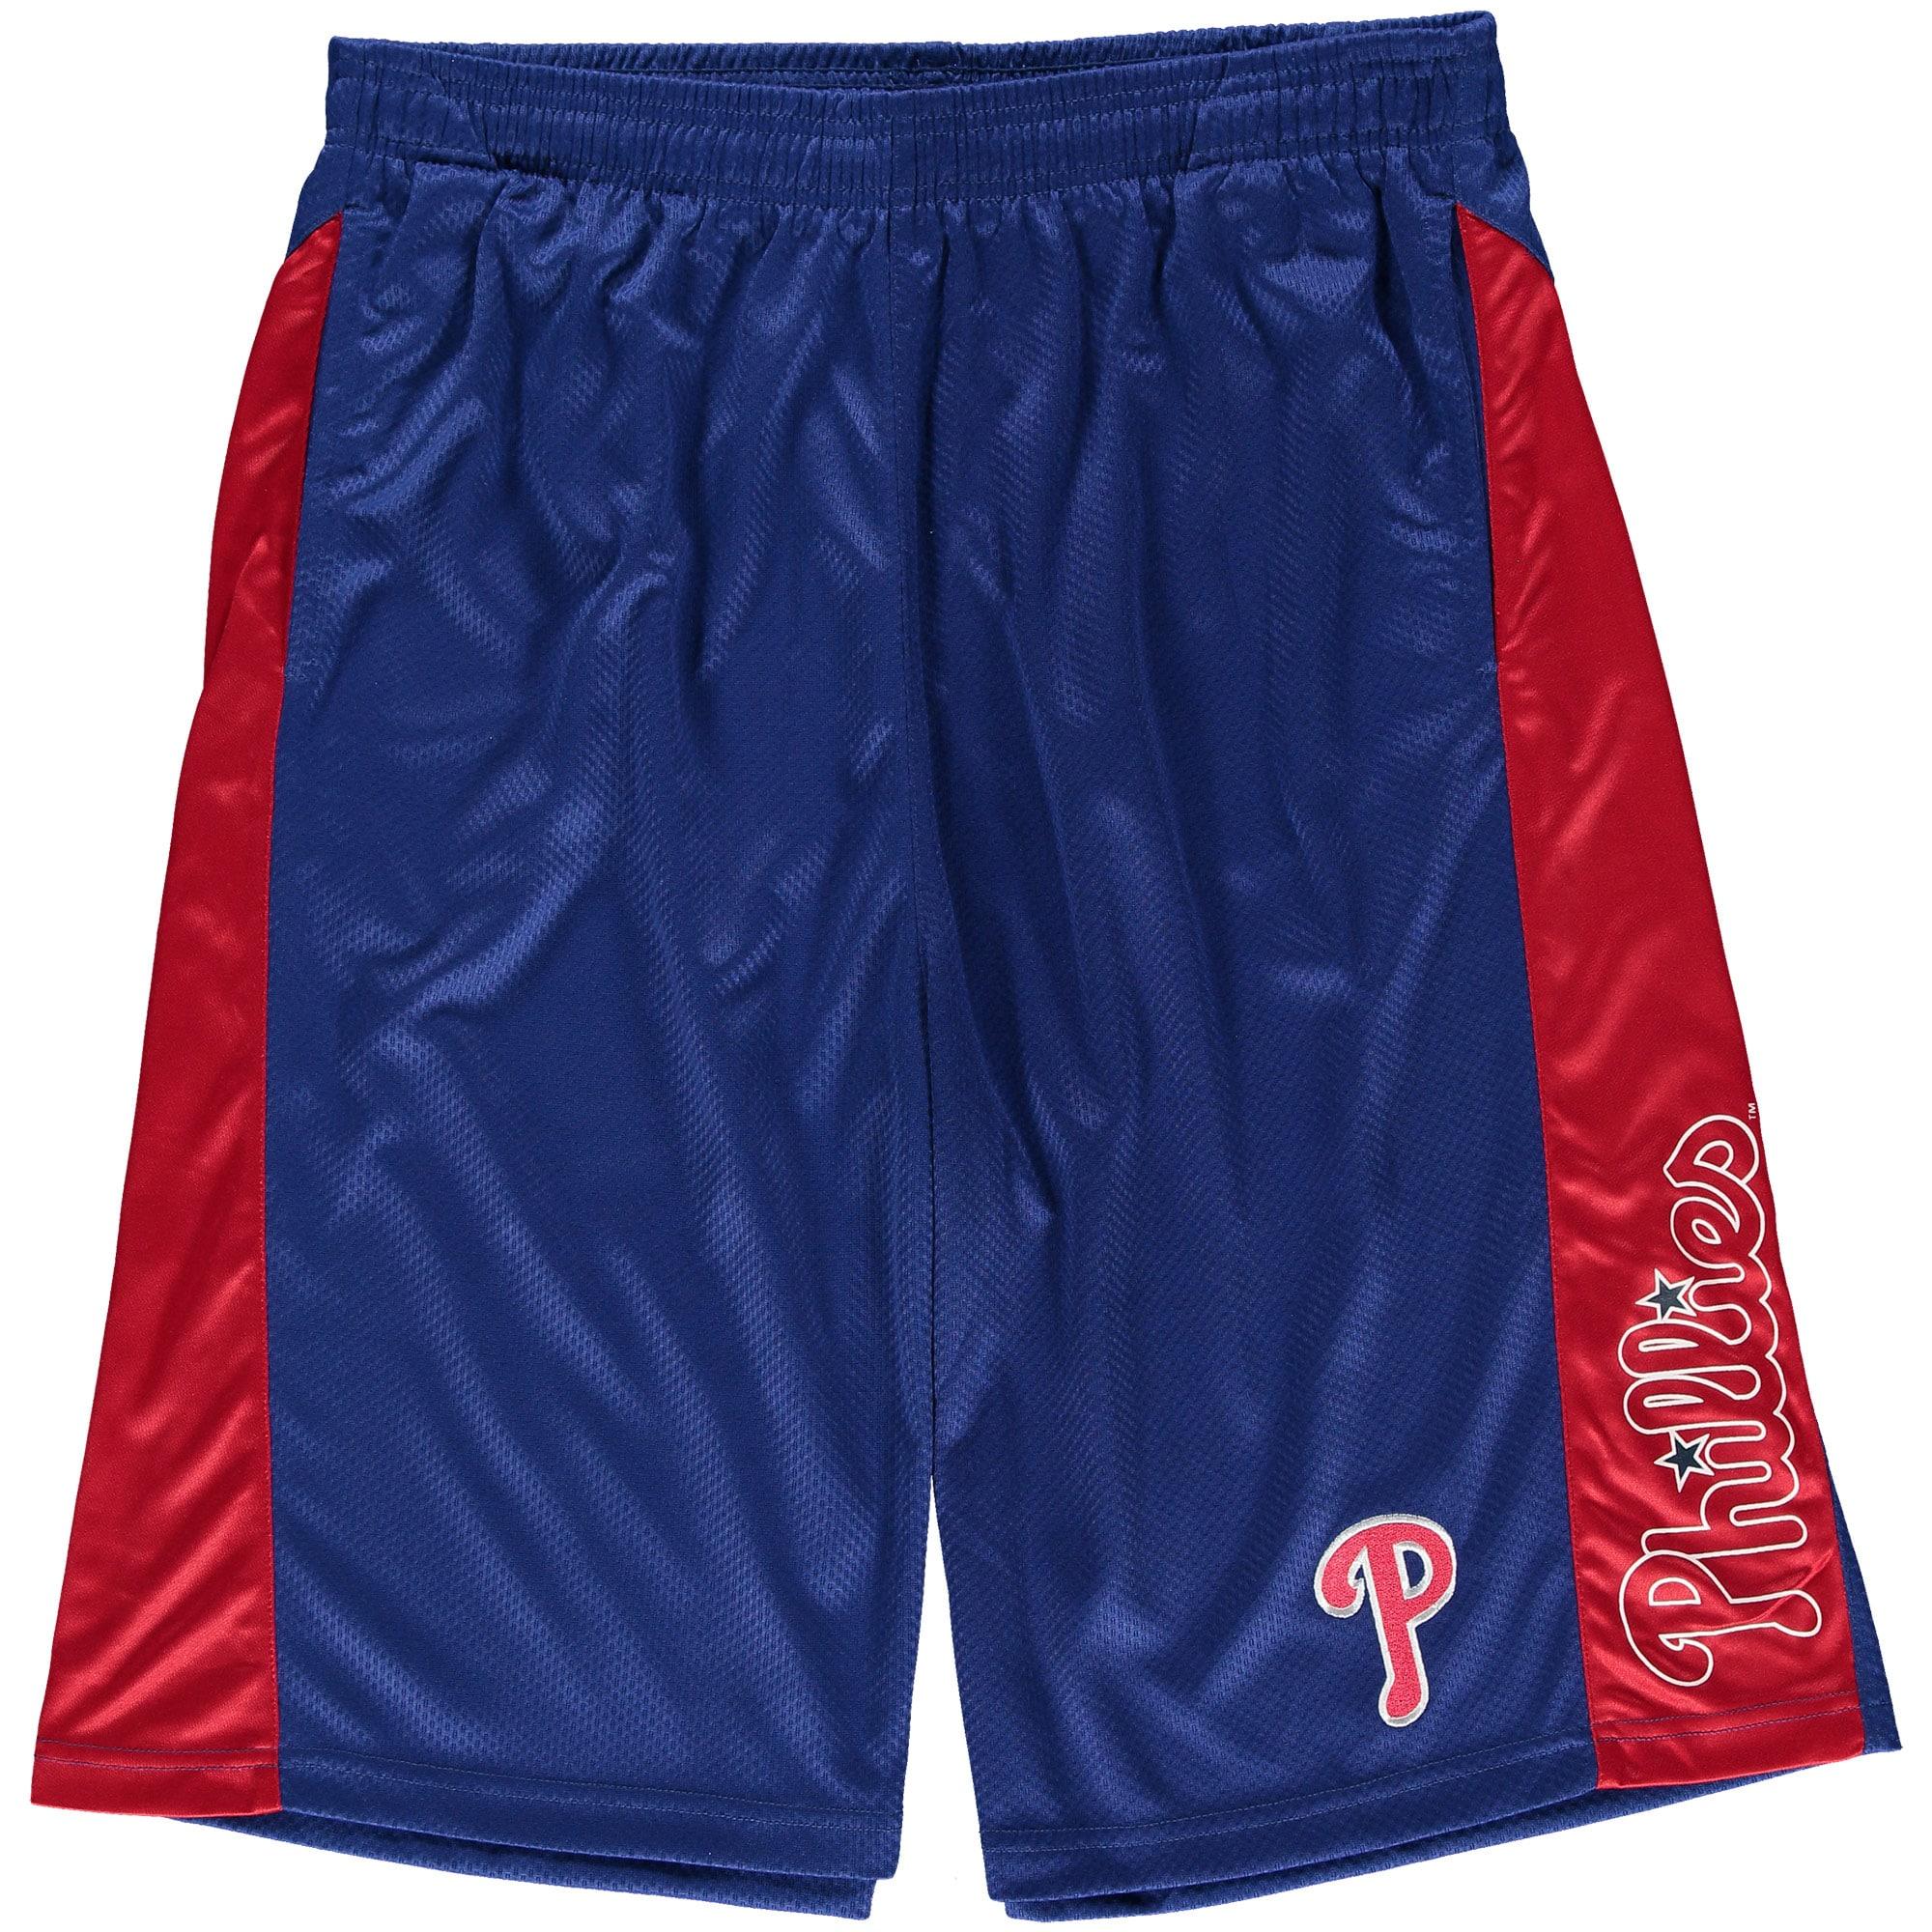 Philadelphia Phillies Big & Tall Two-Tone Shorts - Royal/Red